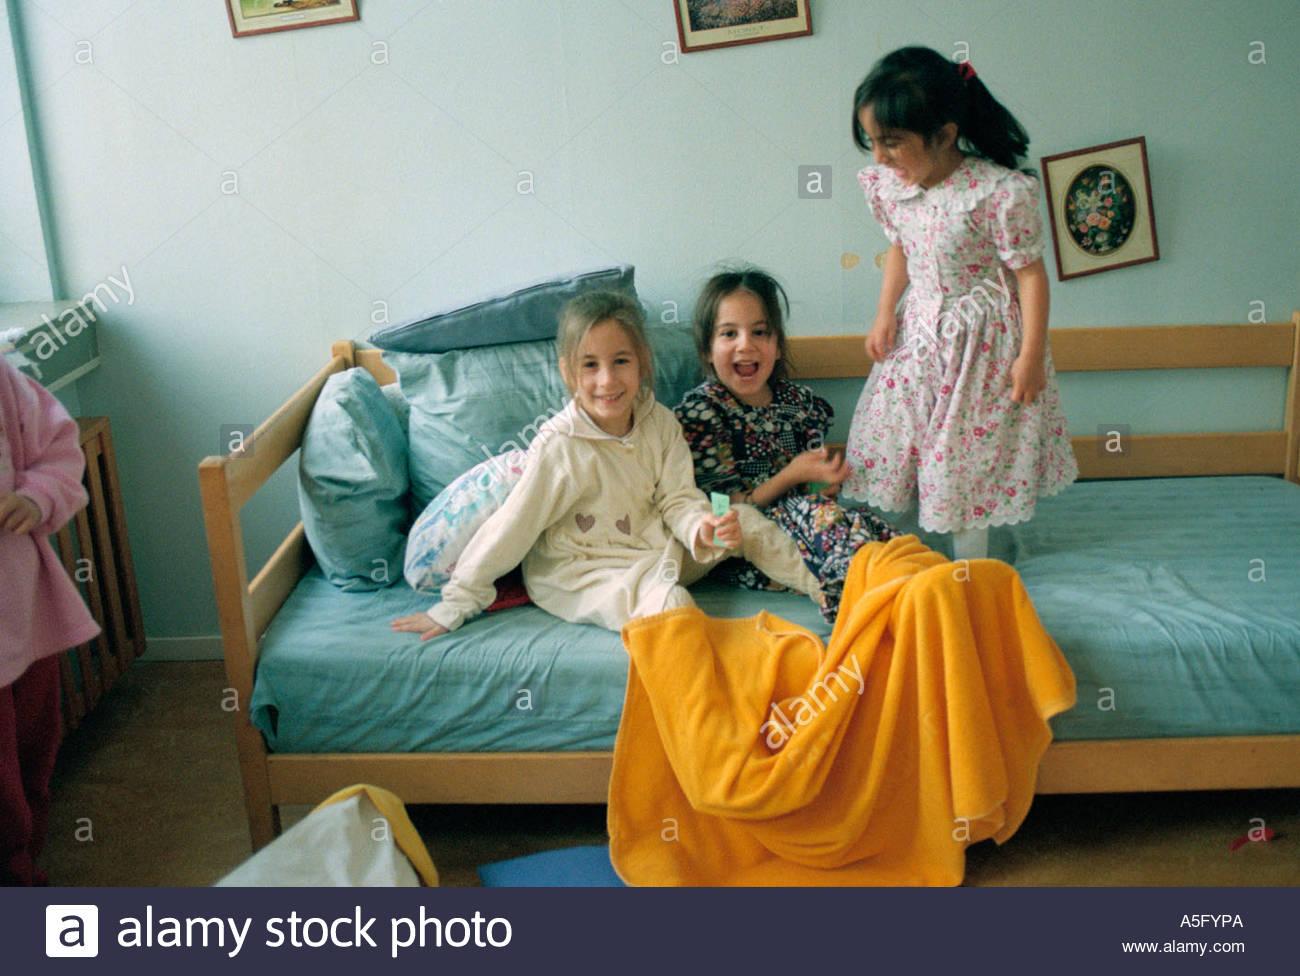 turkish girls in bed